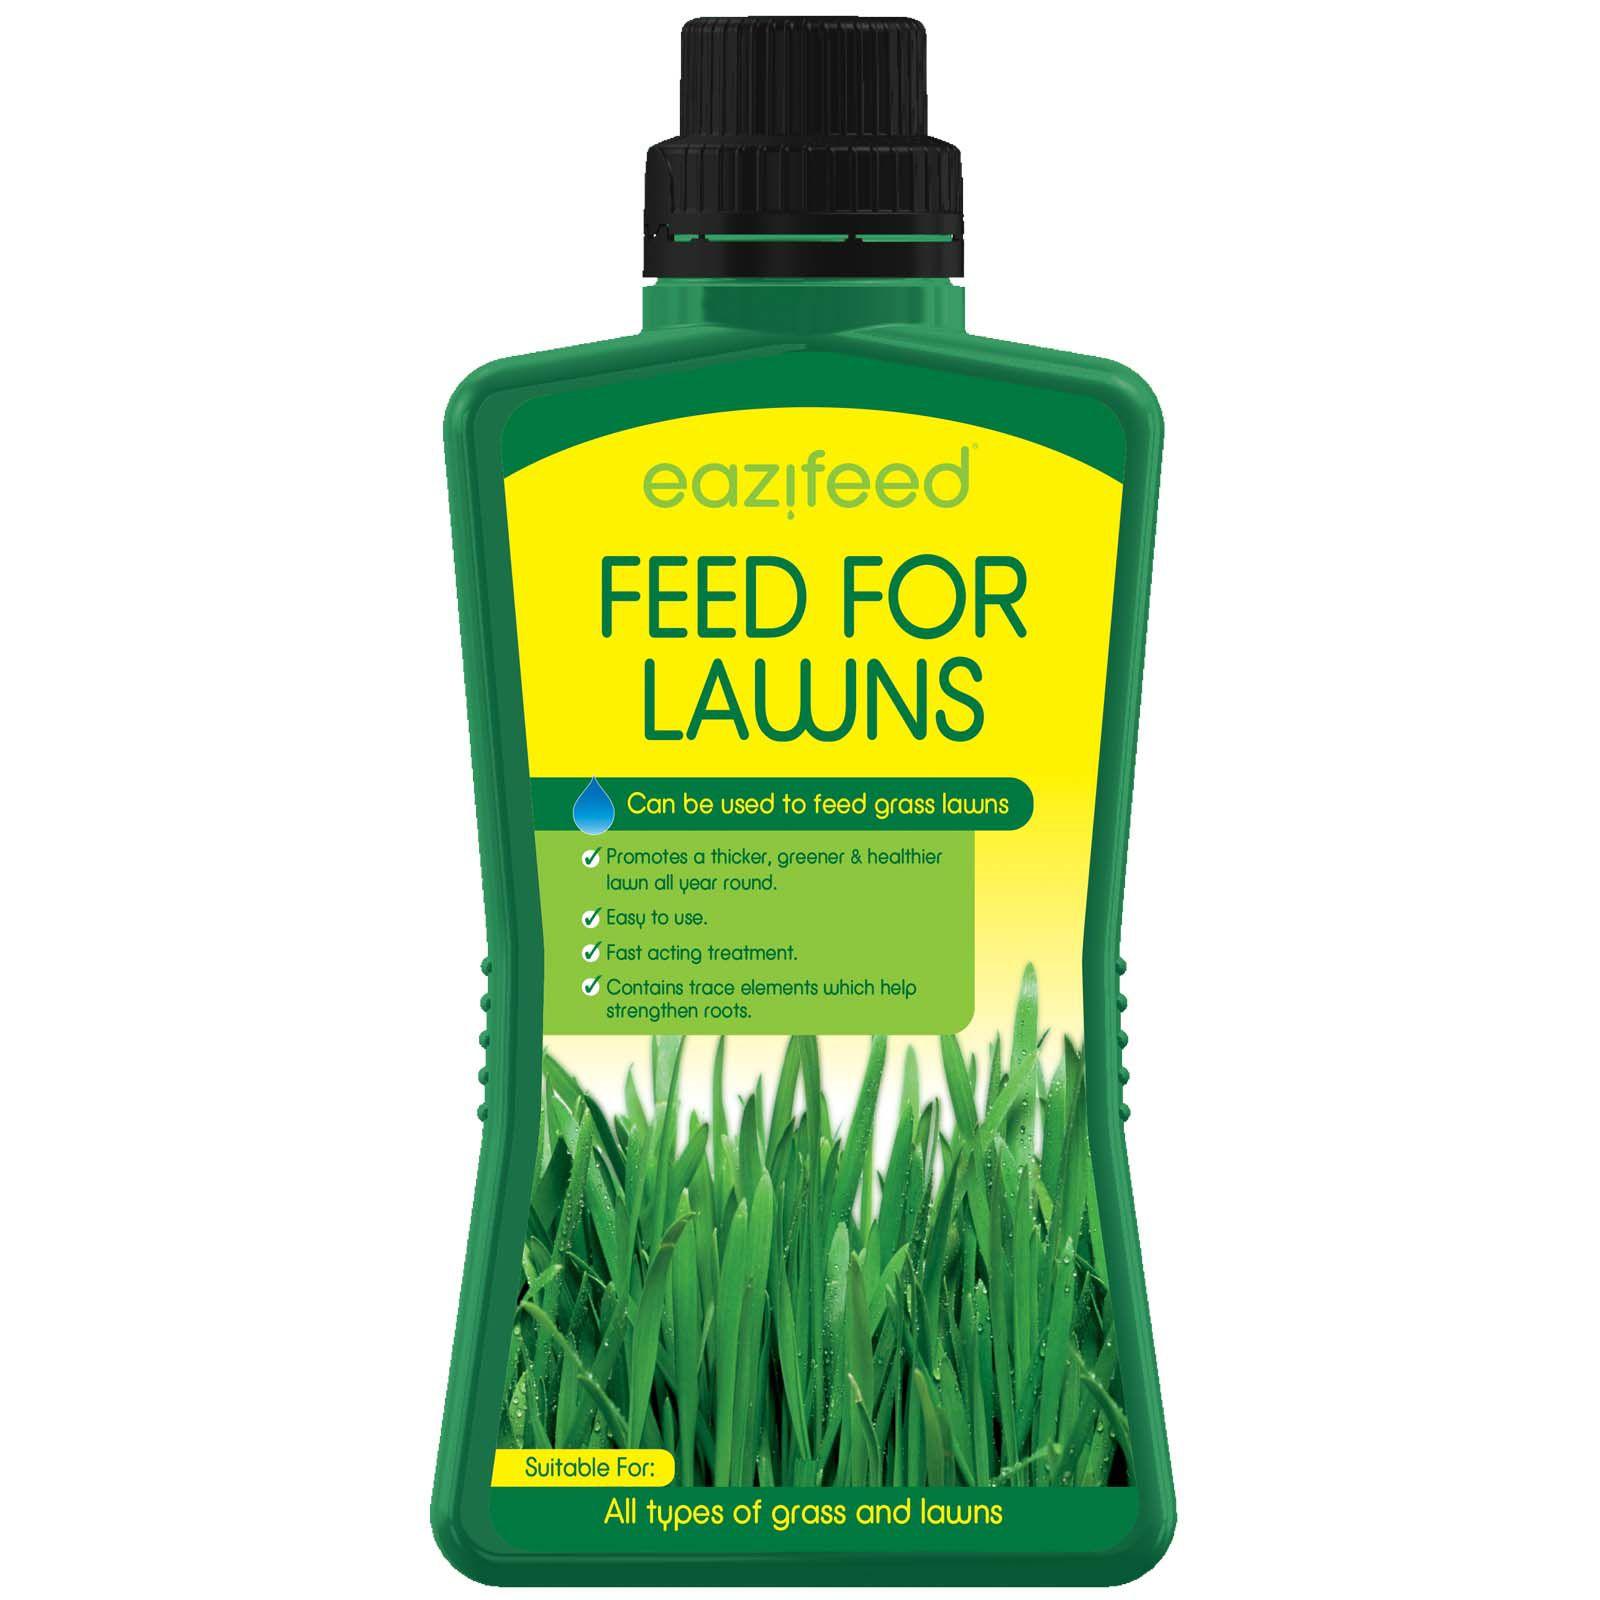 Eazifeed Lawn Feed - 500ml